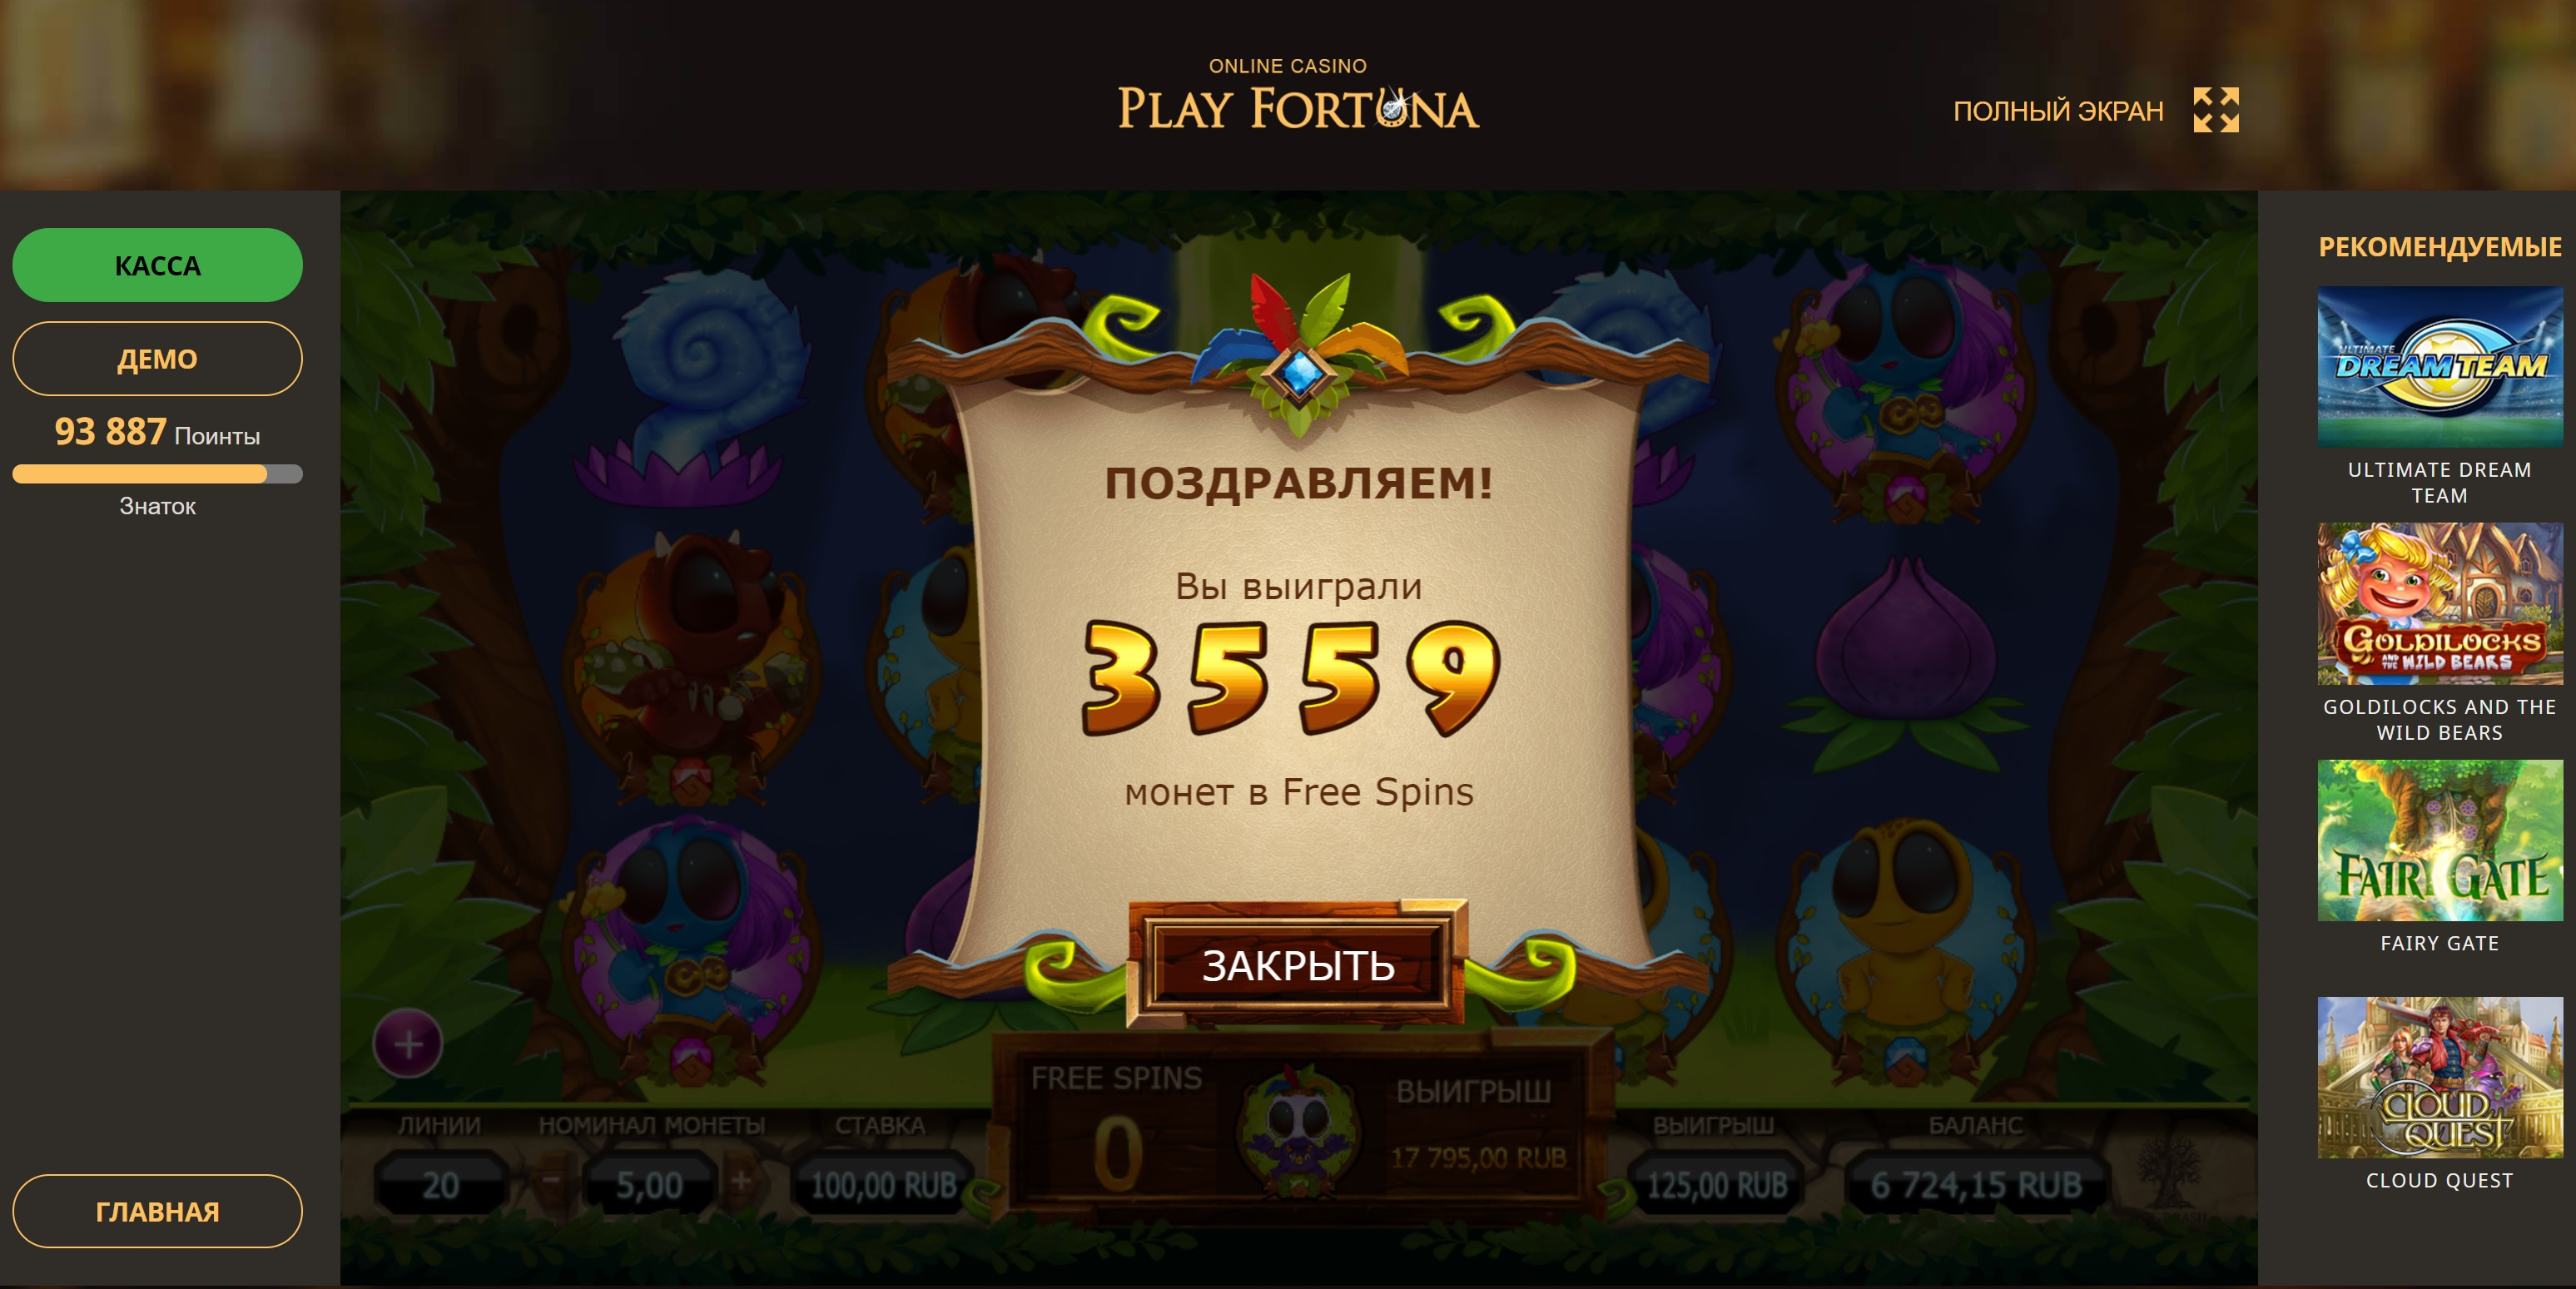 спин сити казино бонус 700